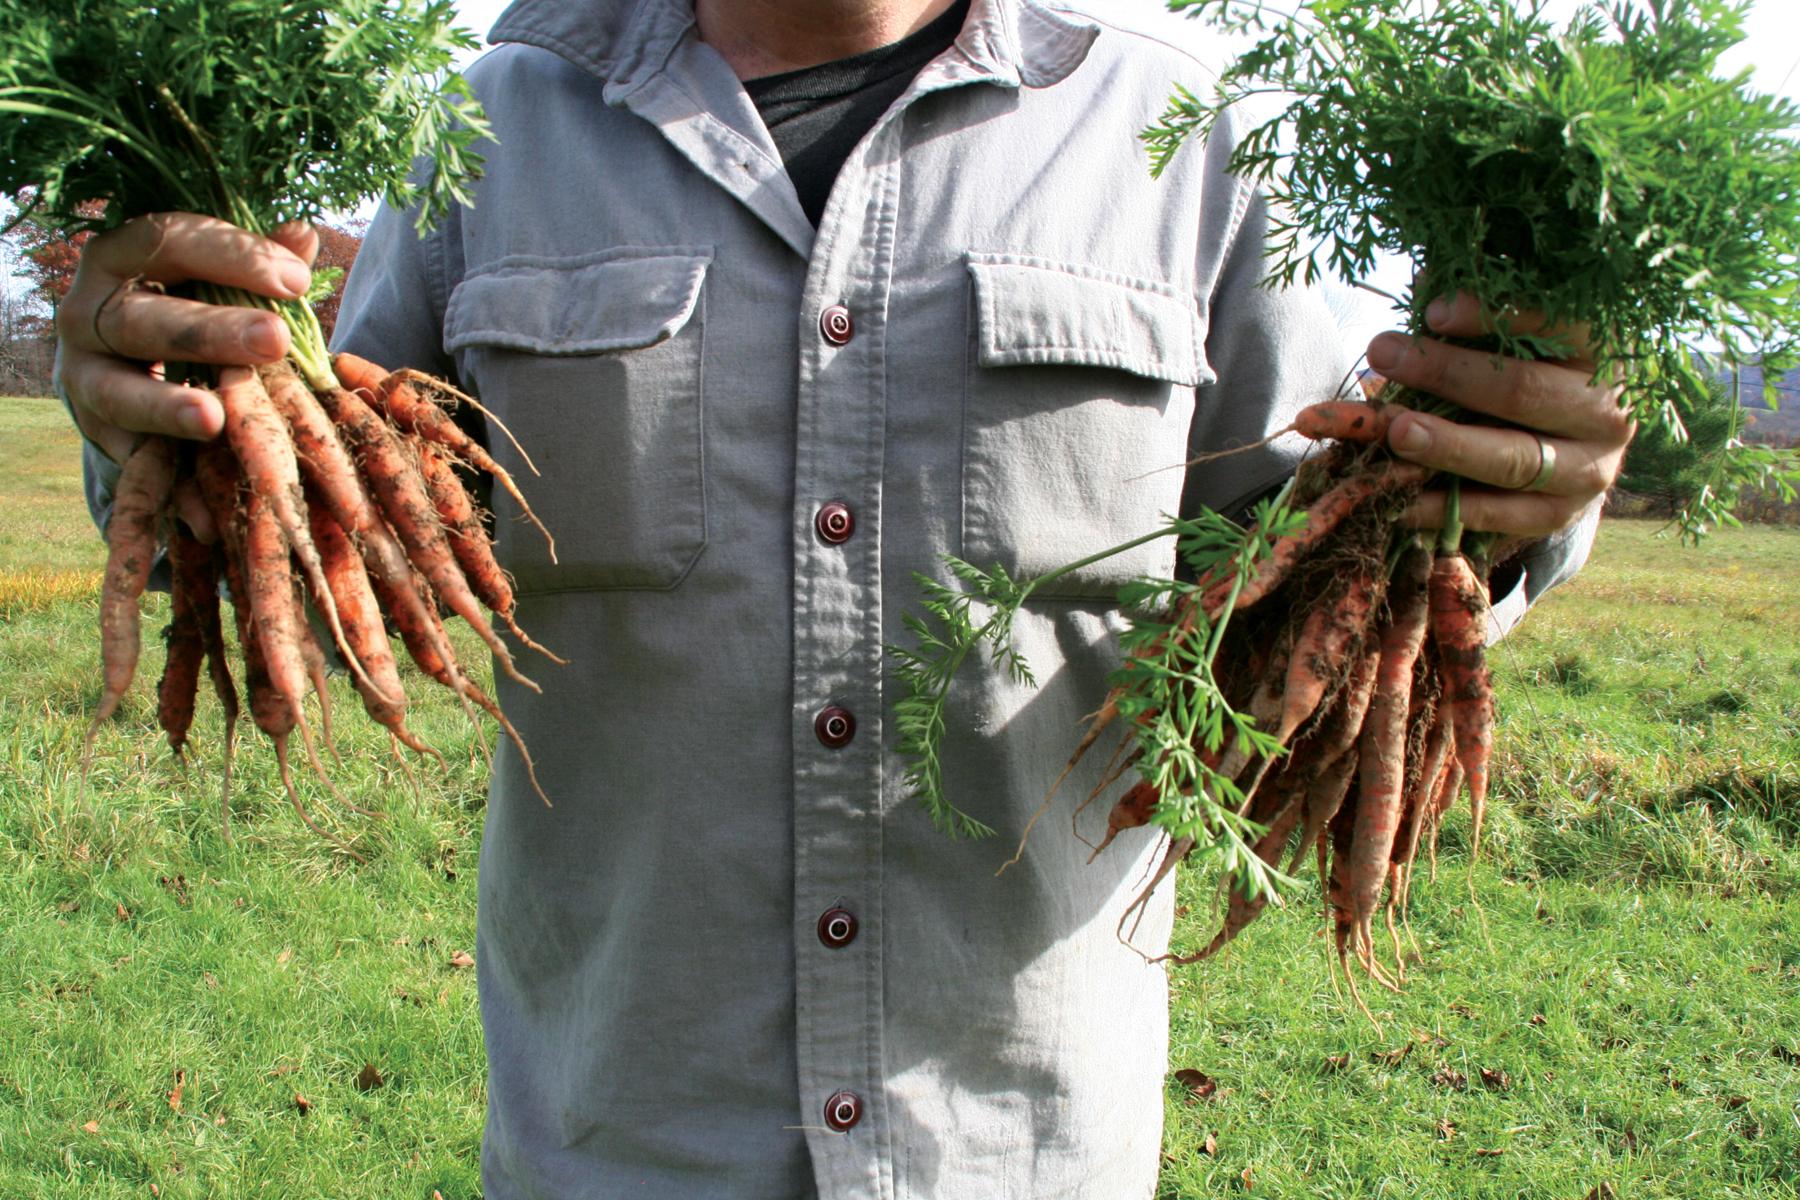 food_carrots_hands.JPG